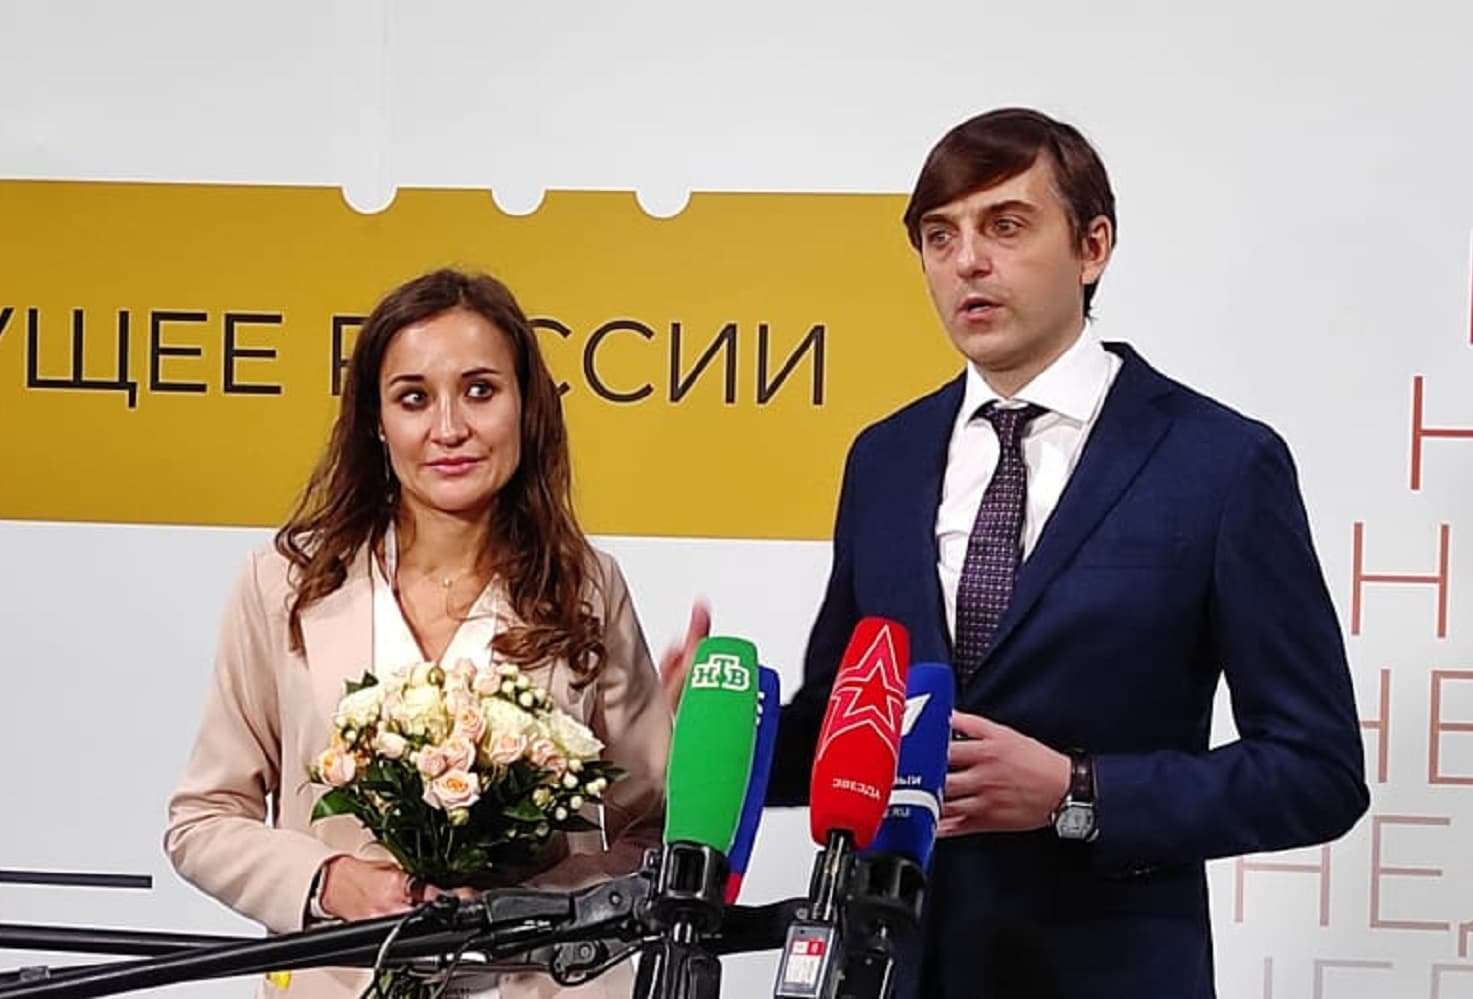 ekaterina-kostyleva-stala-uchitelem-goda-rossii-2021